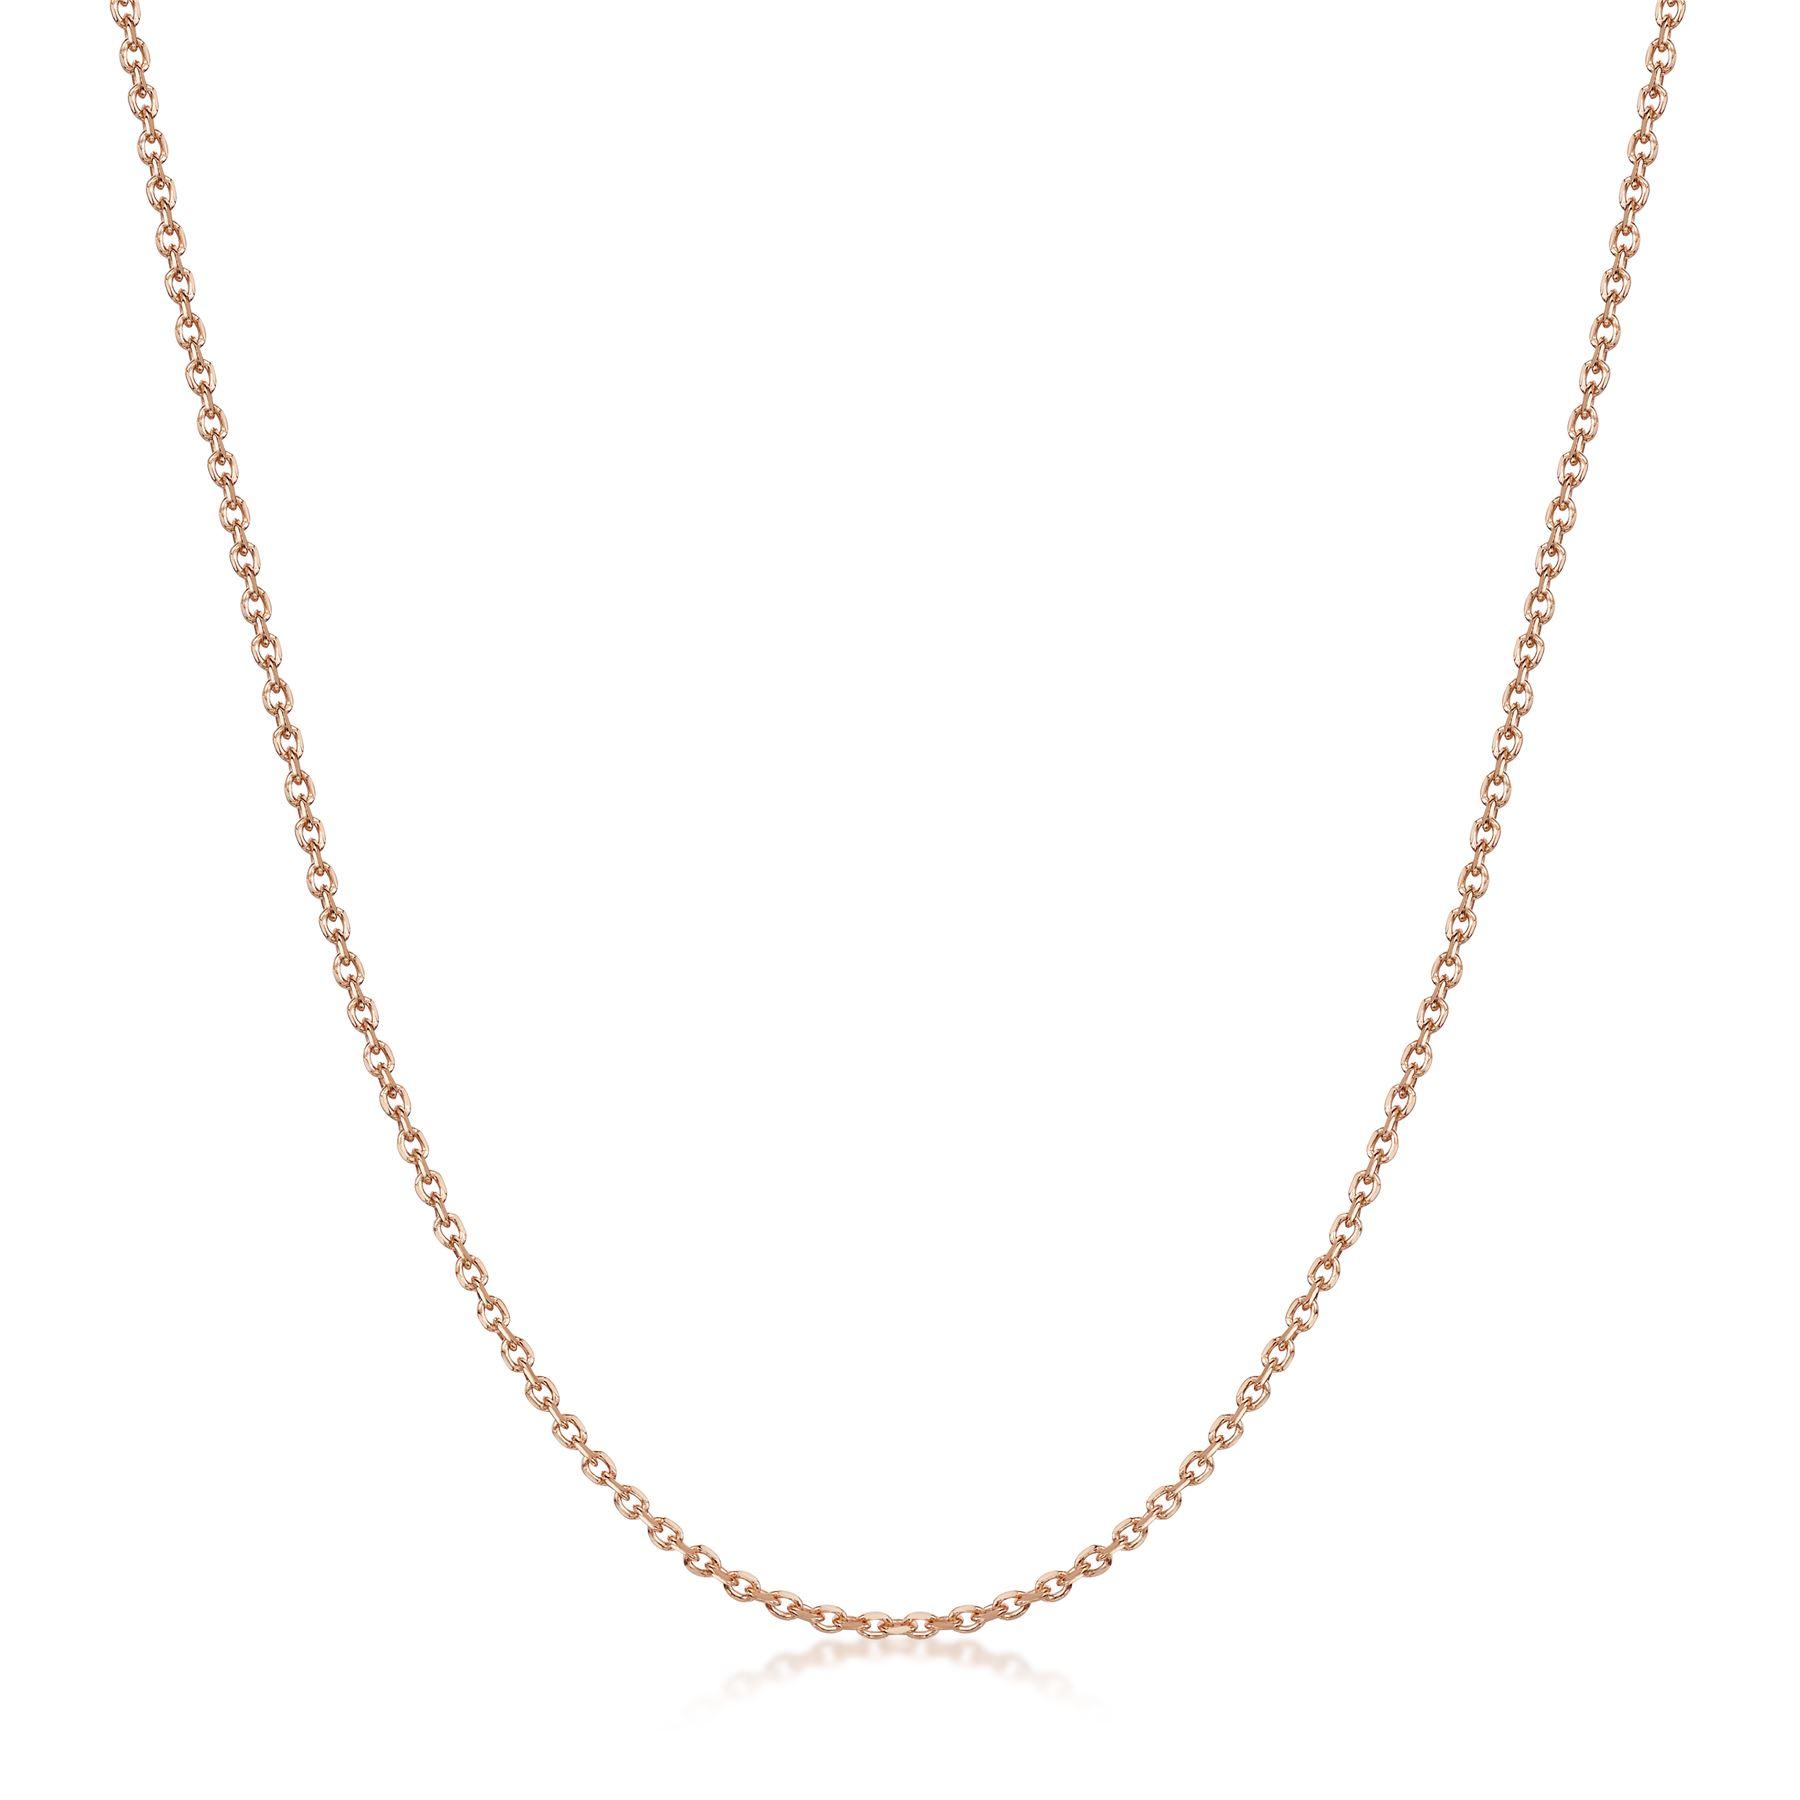 Amberta-Collar-en-Fina-Plata-De-Ley-925-y-Chapado-Oro-Rosa-14k-Cadena-para-Mujer miniatura 19